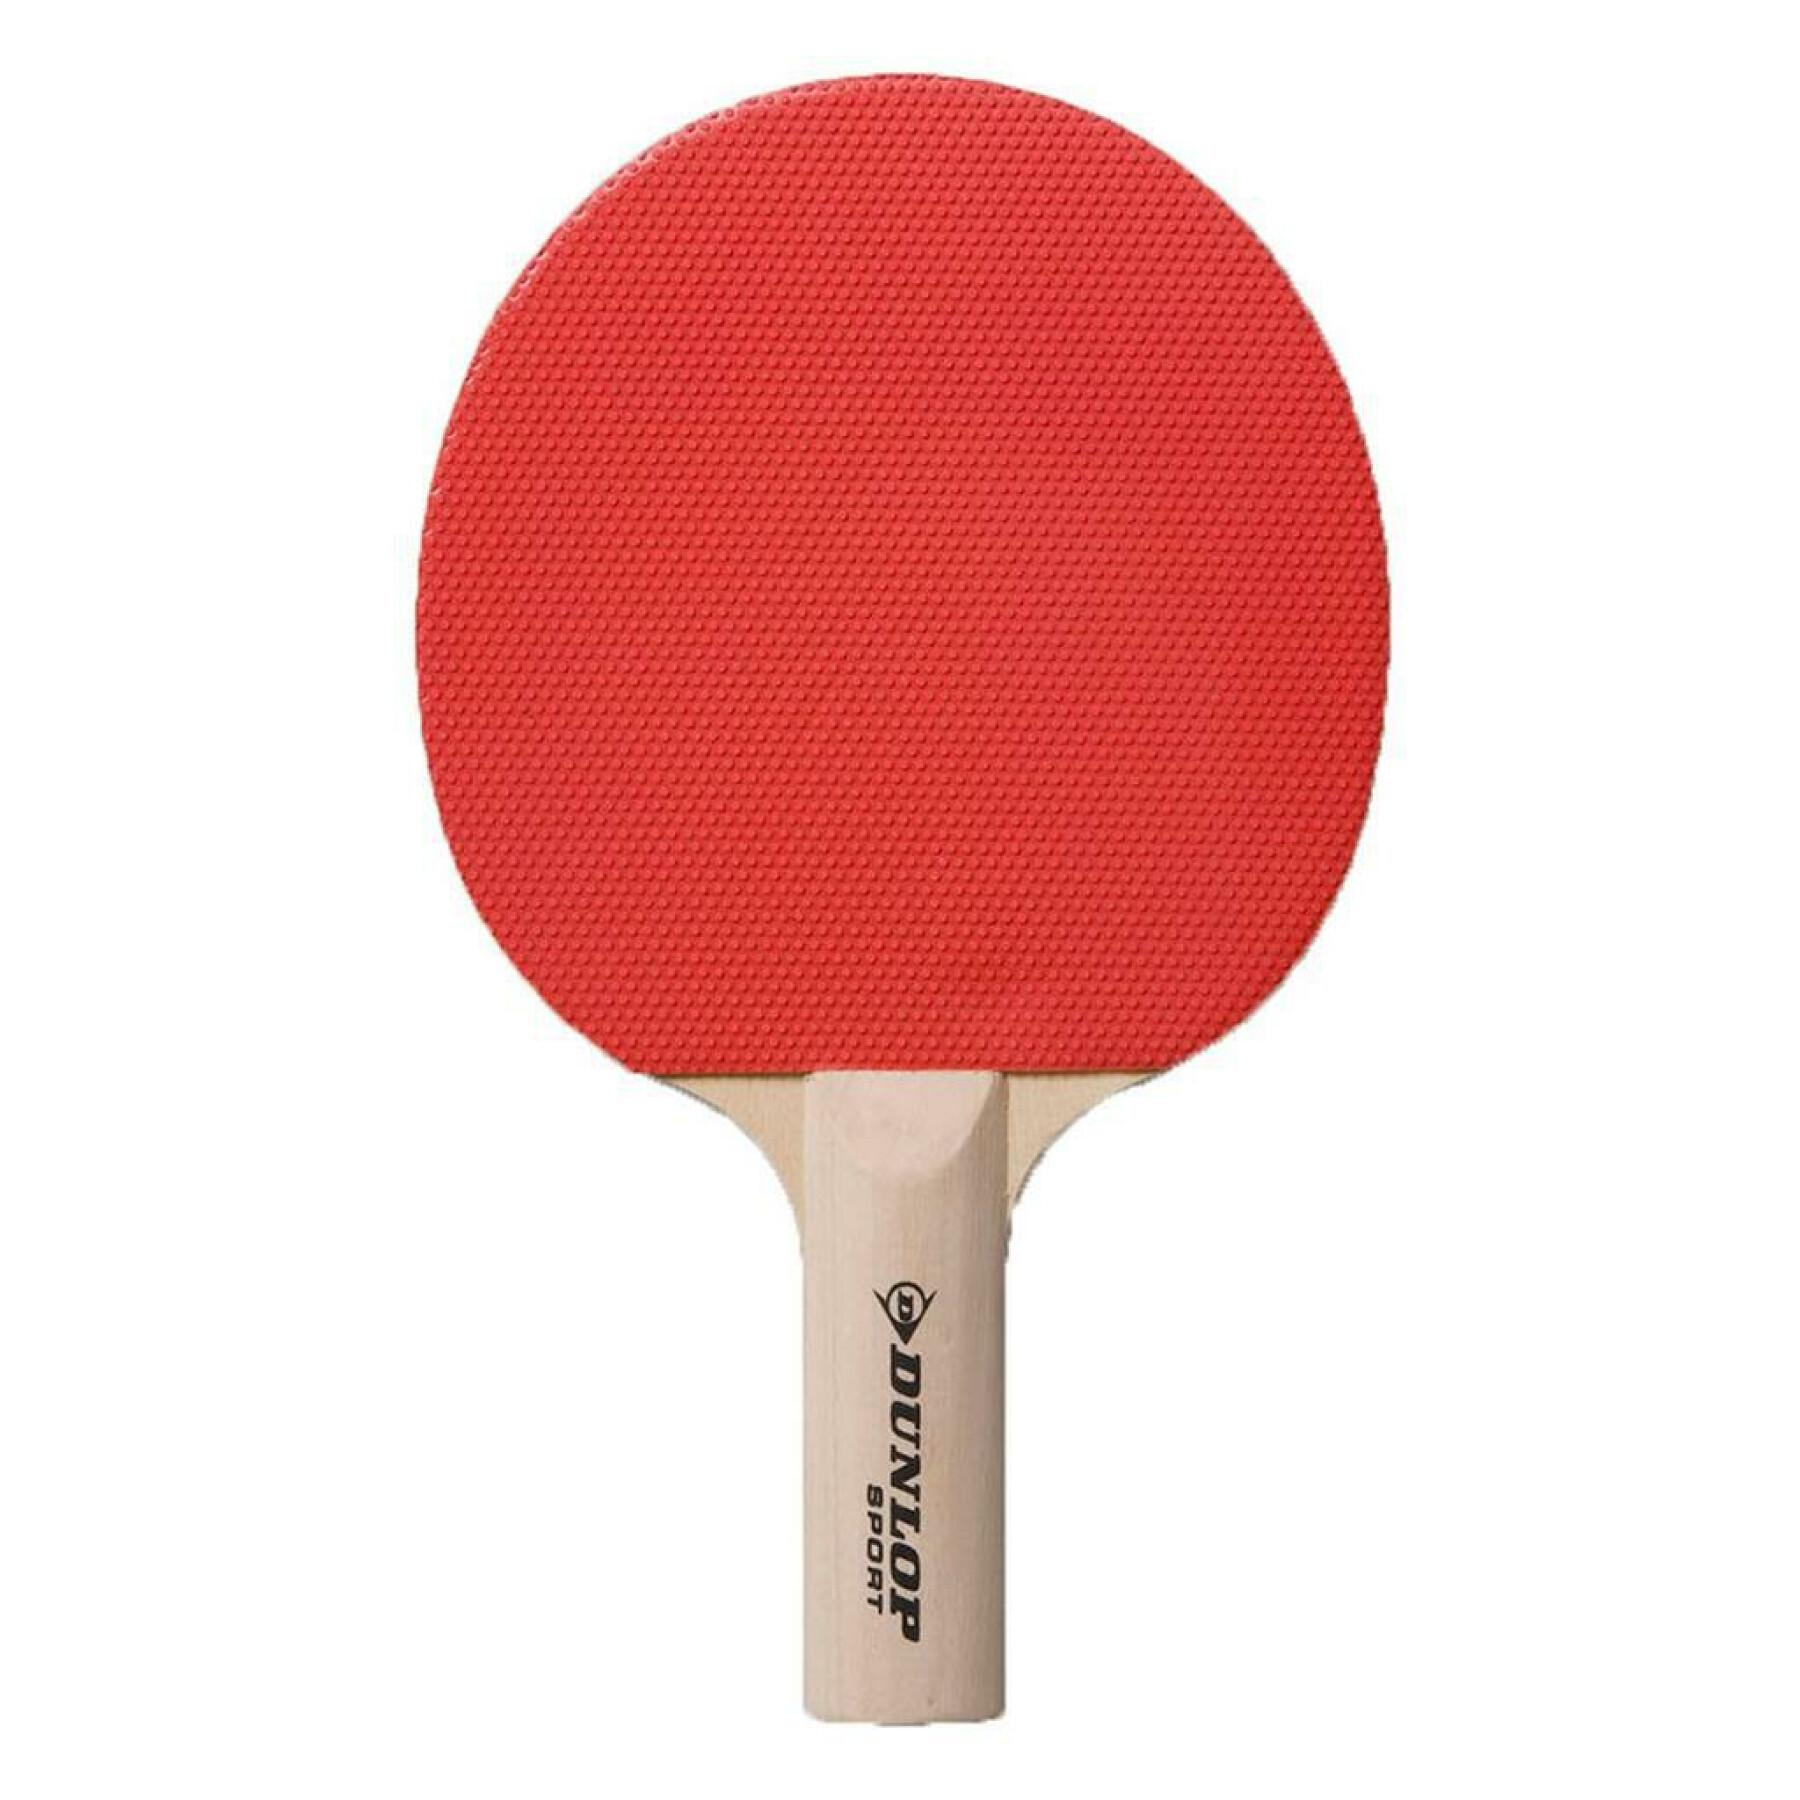 Racket Dunlop tt bt 10